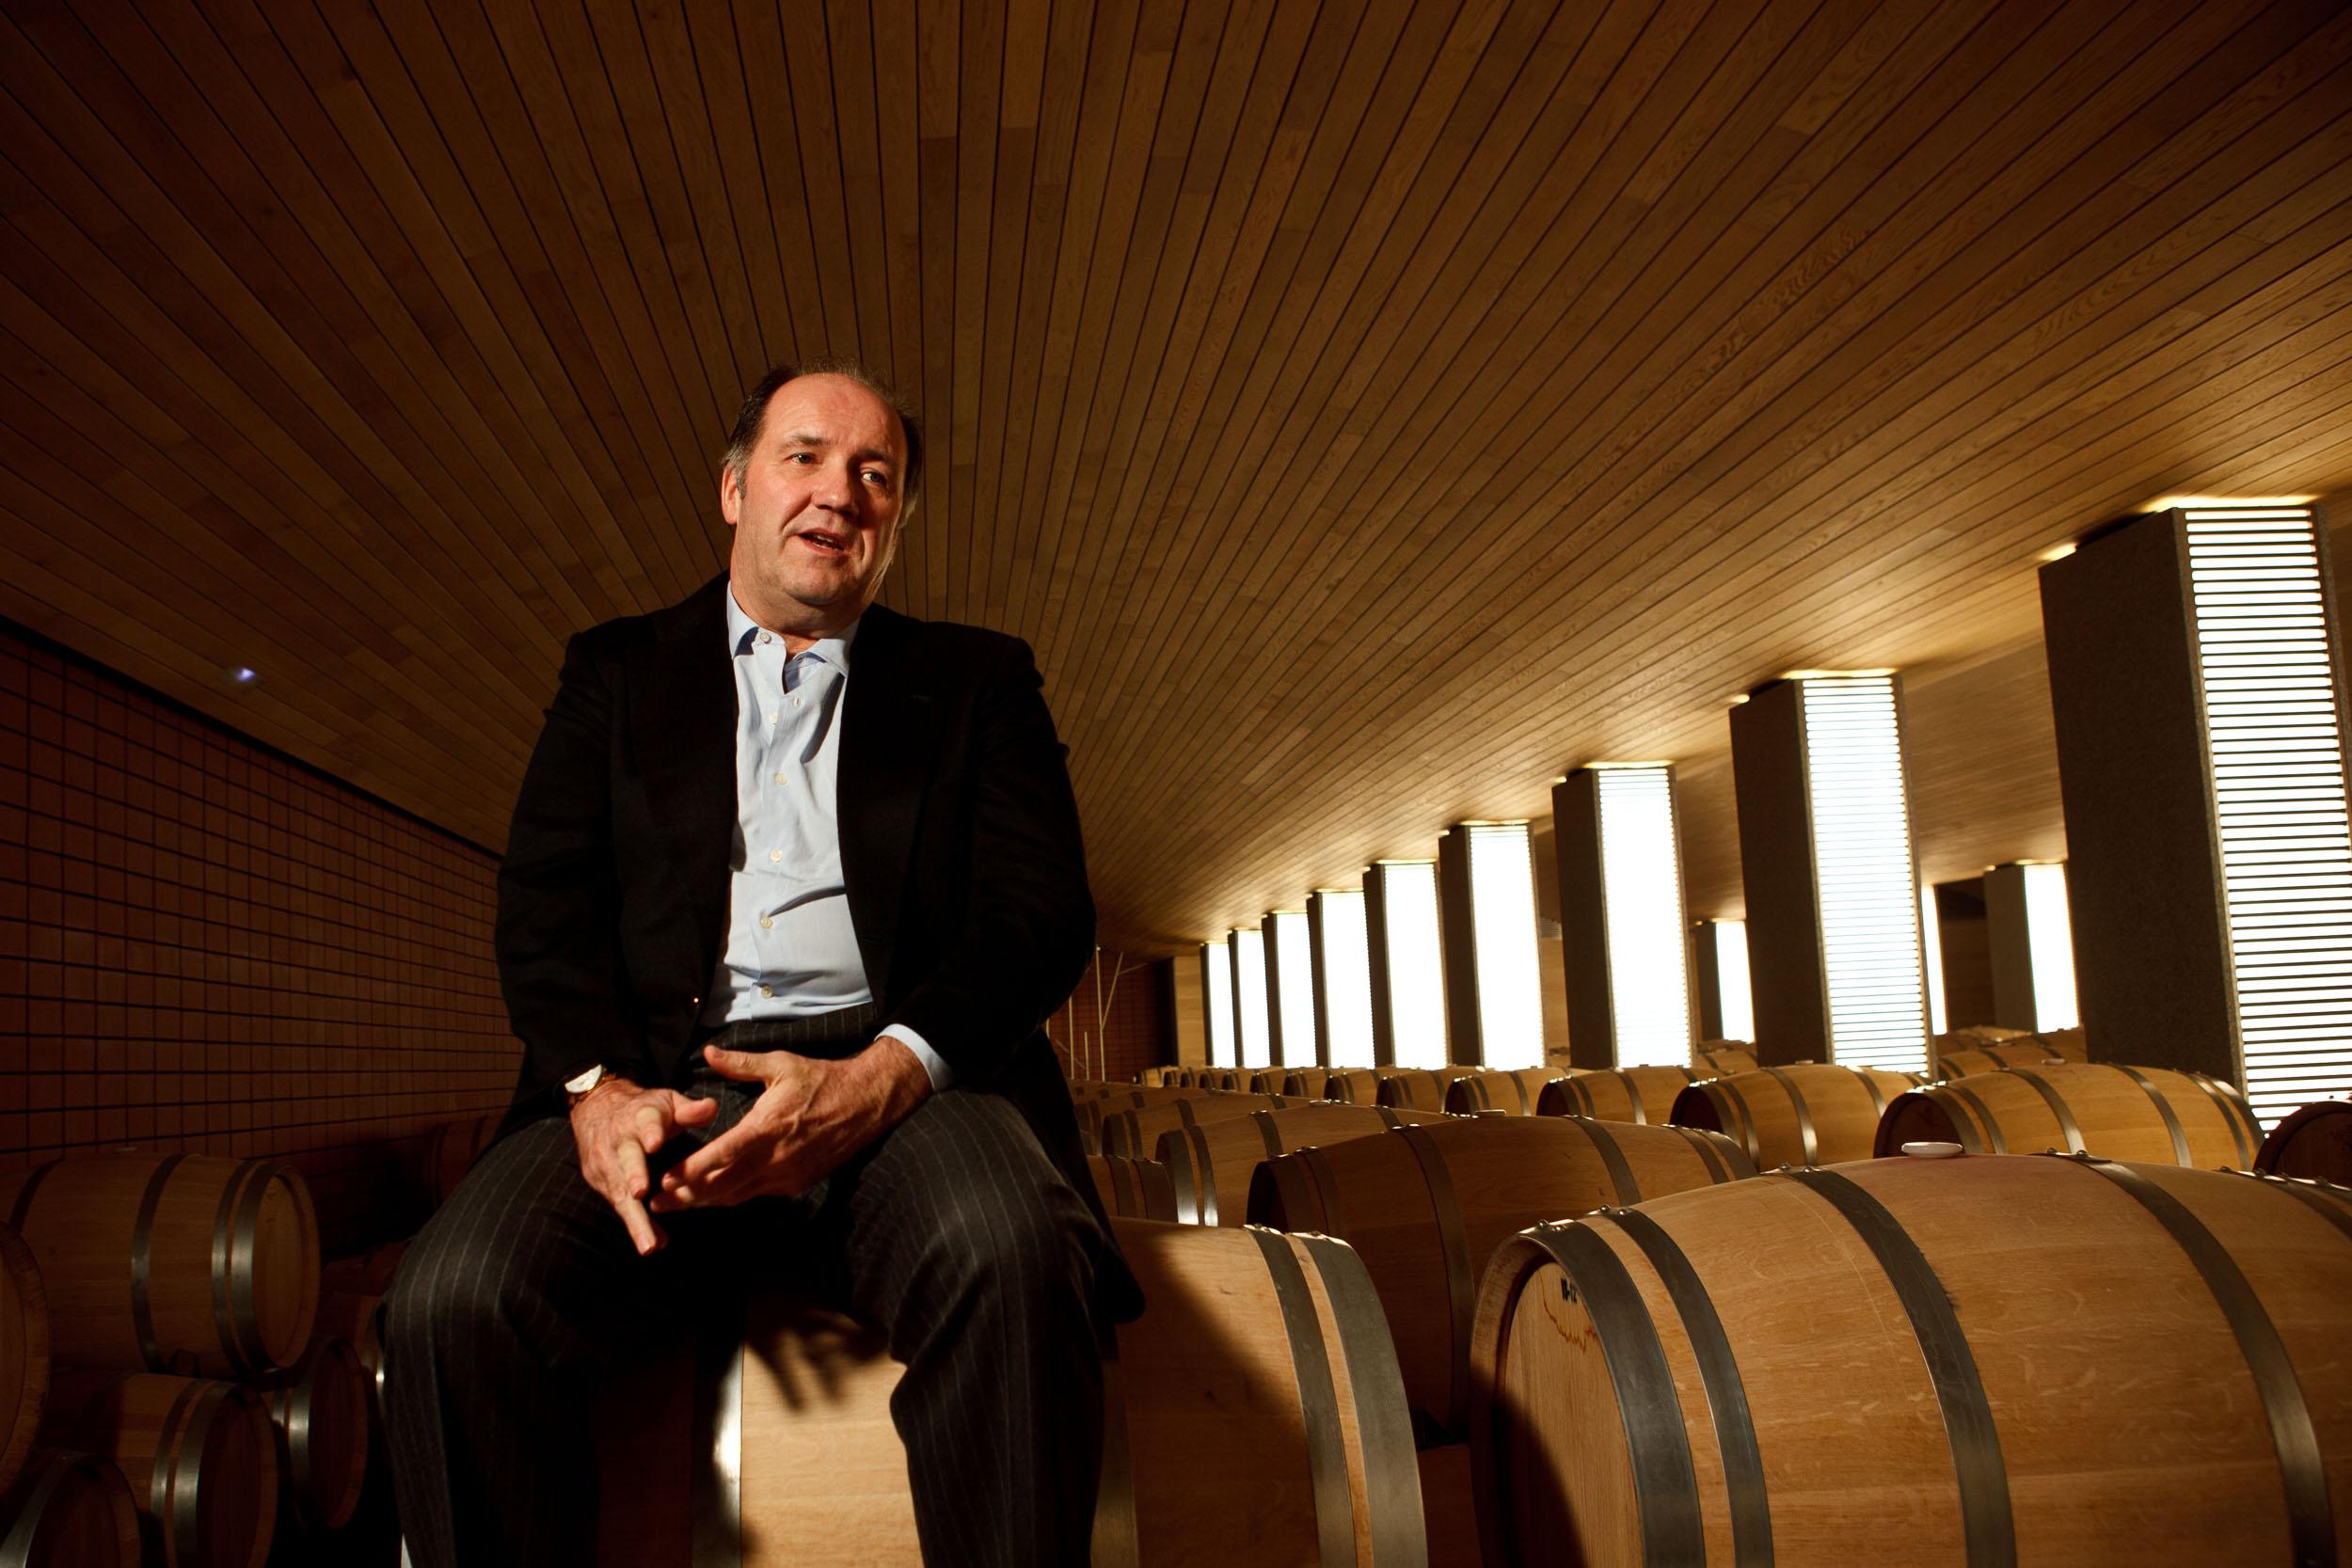 16/2/12 Pablo Álvarez, managing director, Vega Sicilia Winery, Valbuena de Duero, Castilla y Leon, Spain. Photos by James Sturcke Fotografía | www.sturcke.org